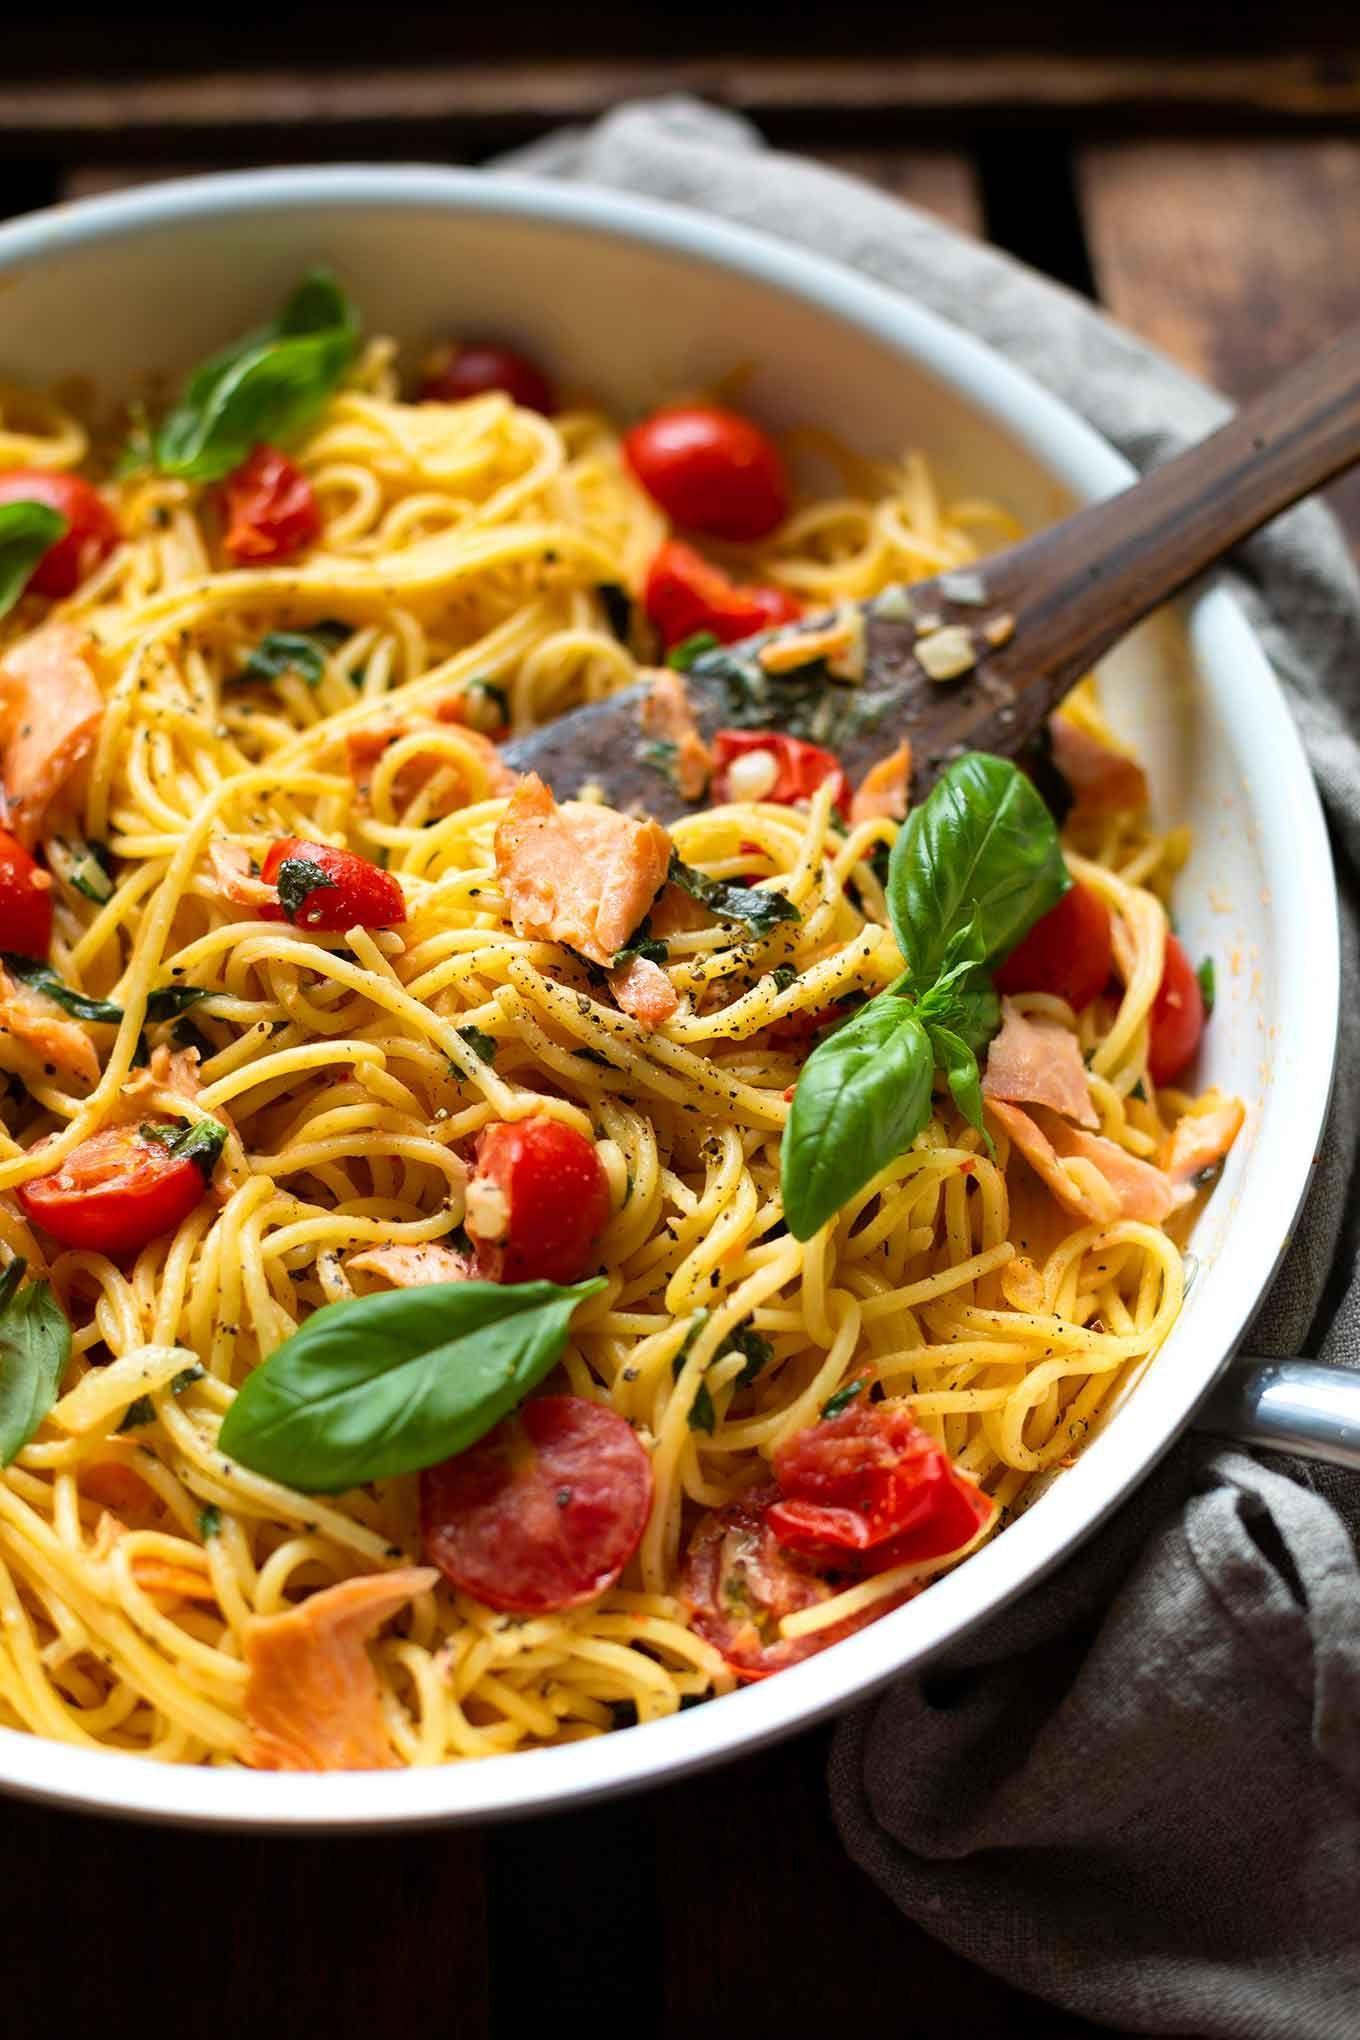 Schnelle Spaghetti mit Lachs und Tomaten Frischkäse Sauce